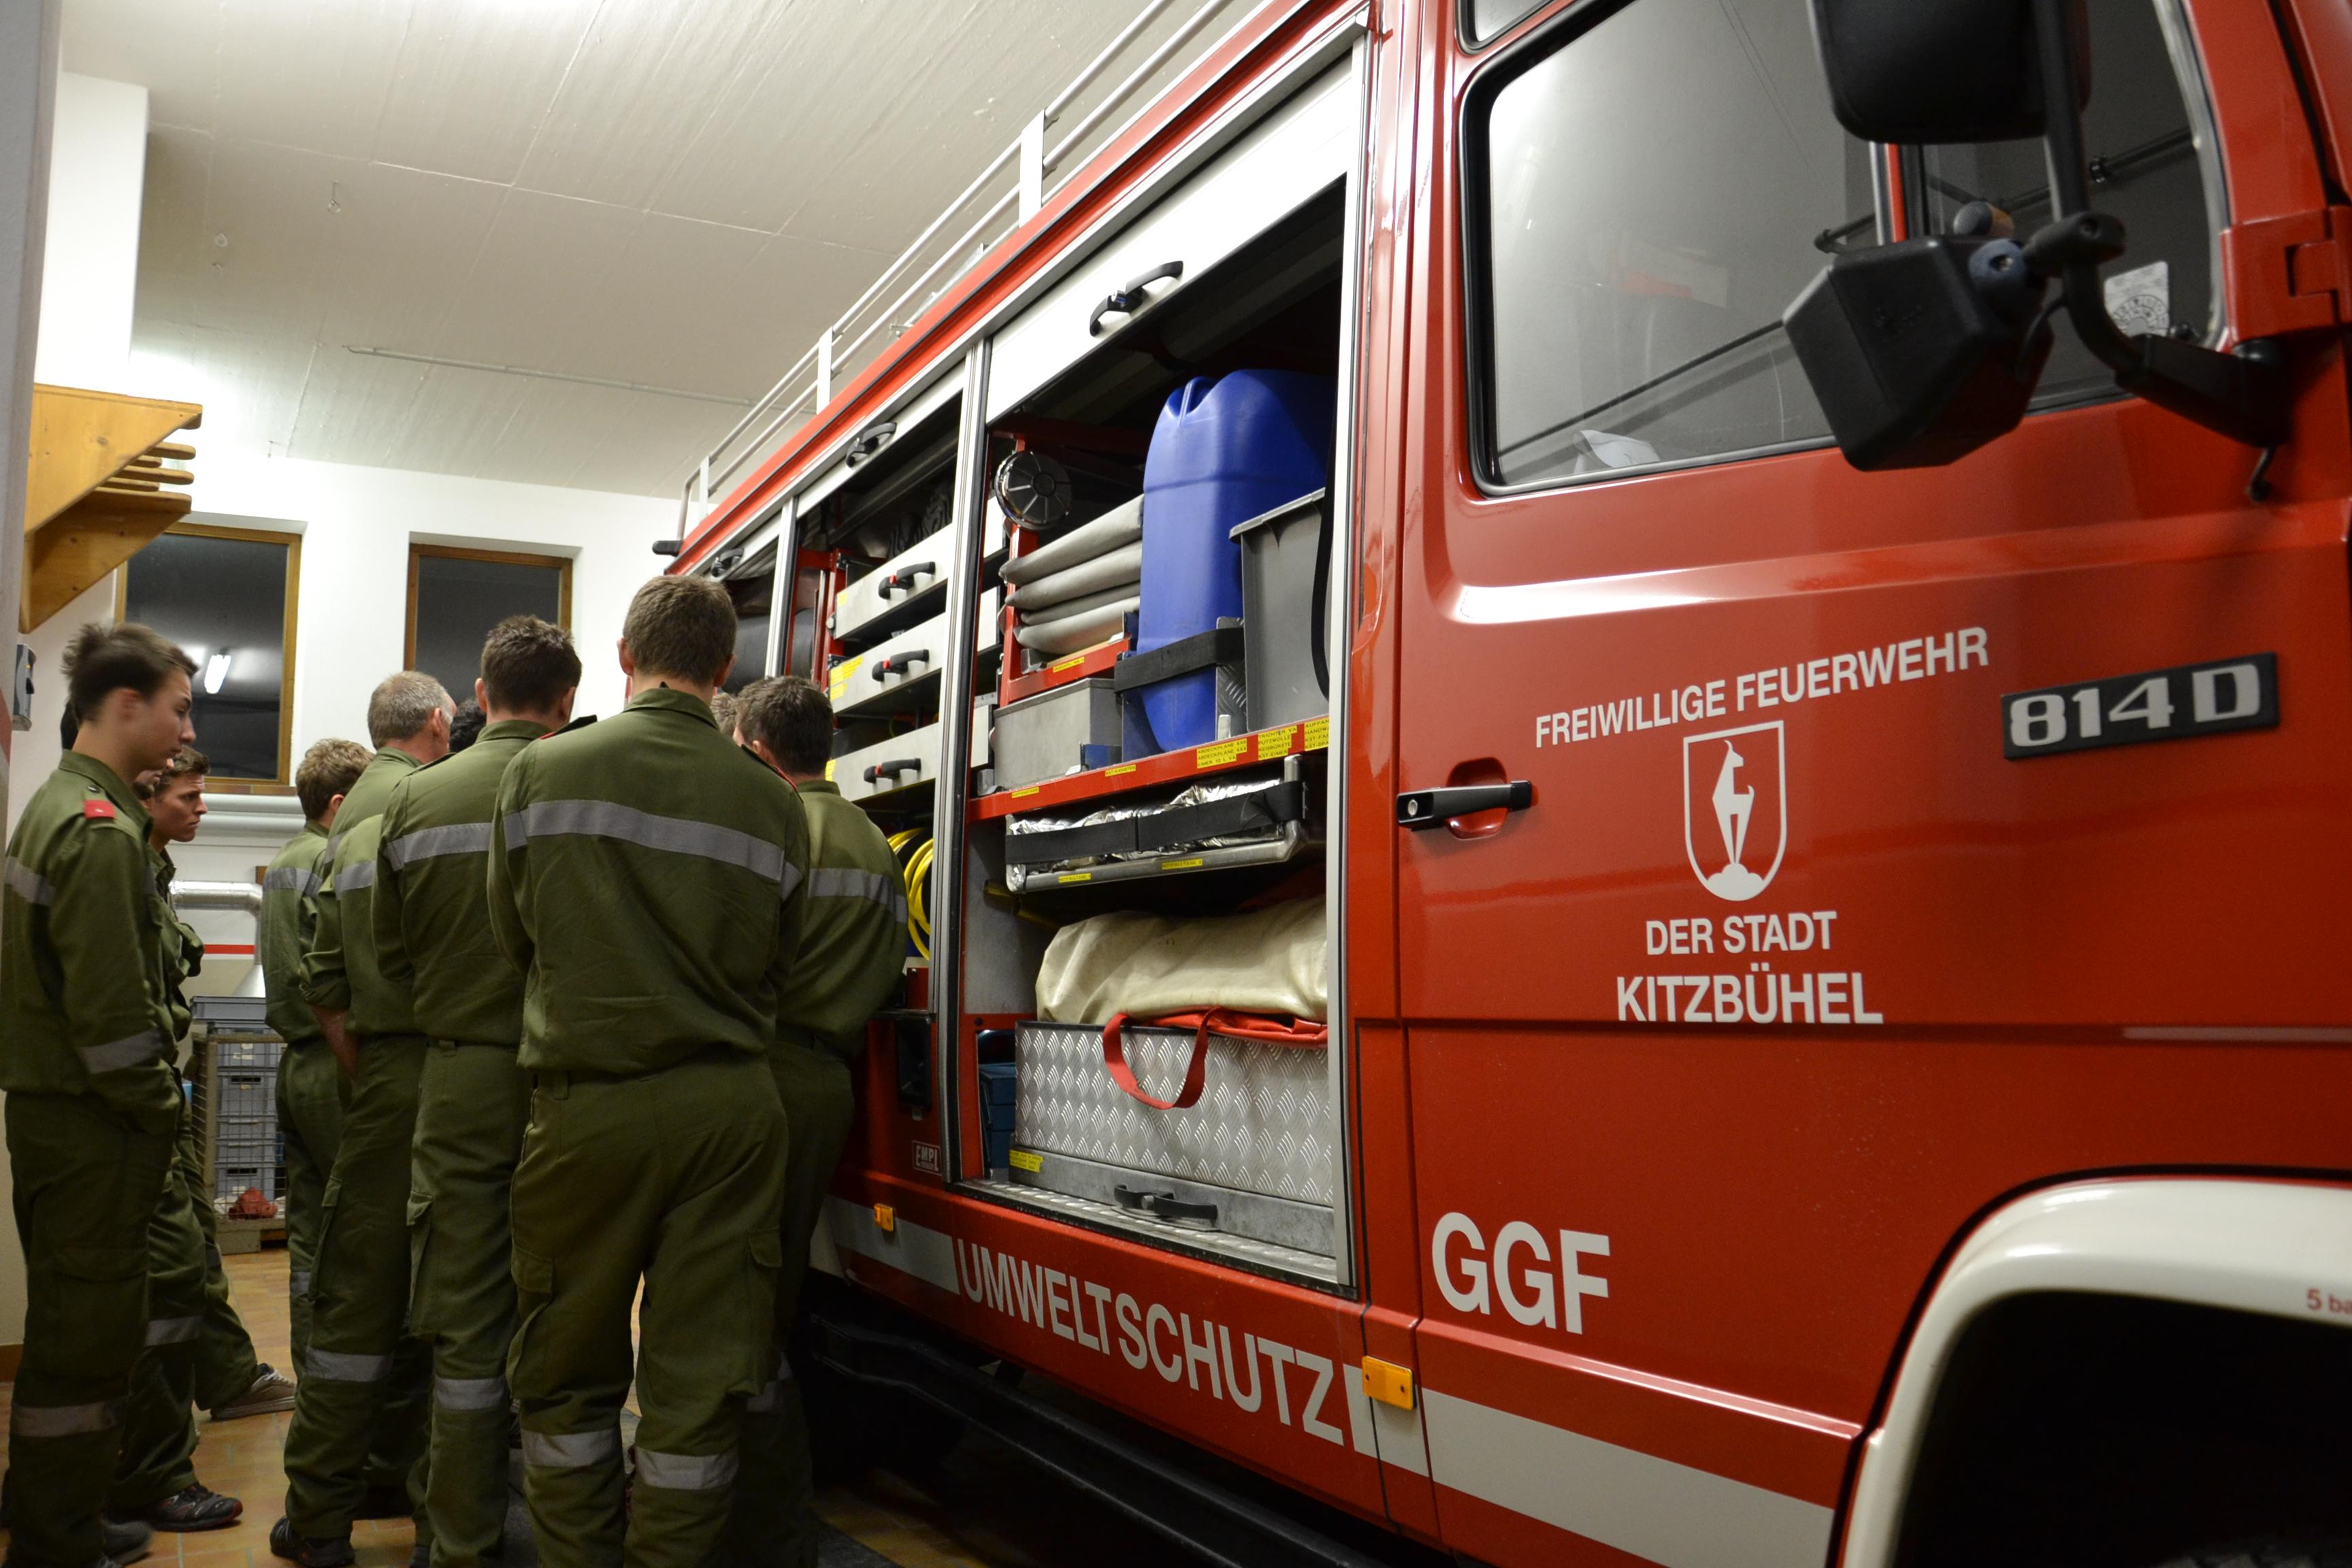 Feuerwehr Kitzbühel